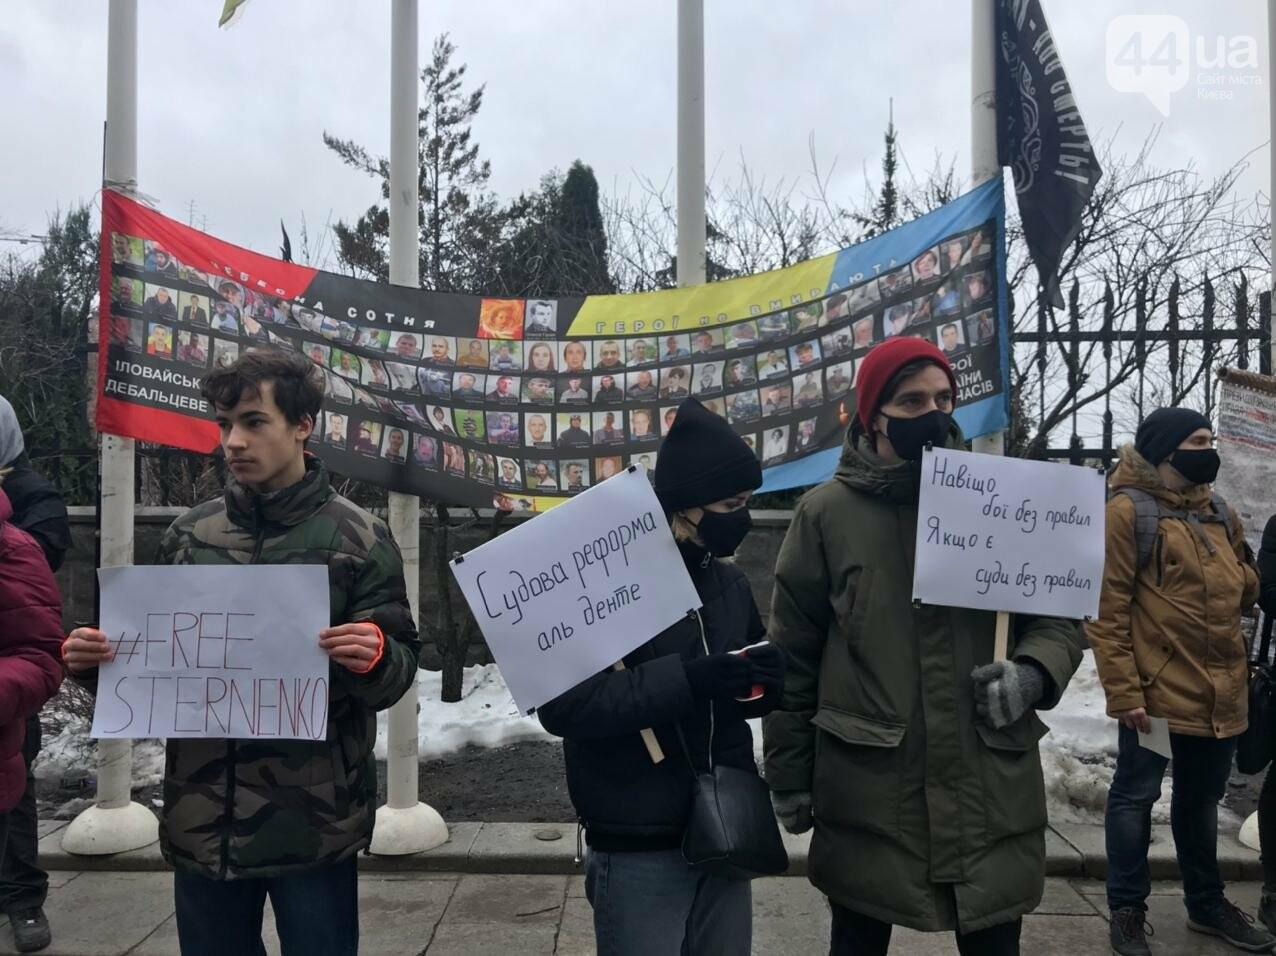 Перекрытые улицы и люди в форме: в Киеве готовятся к новым протестам из-за суда над Стерненко, фото-6